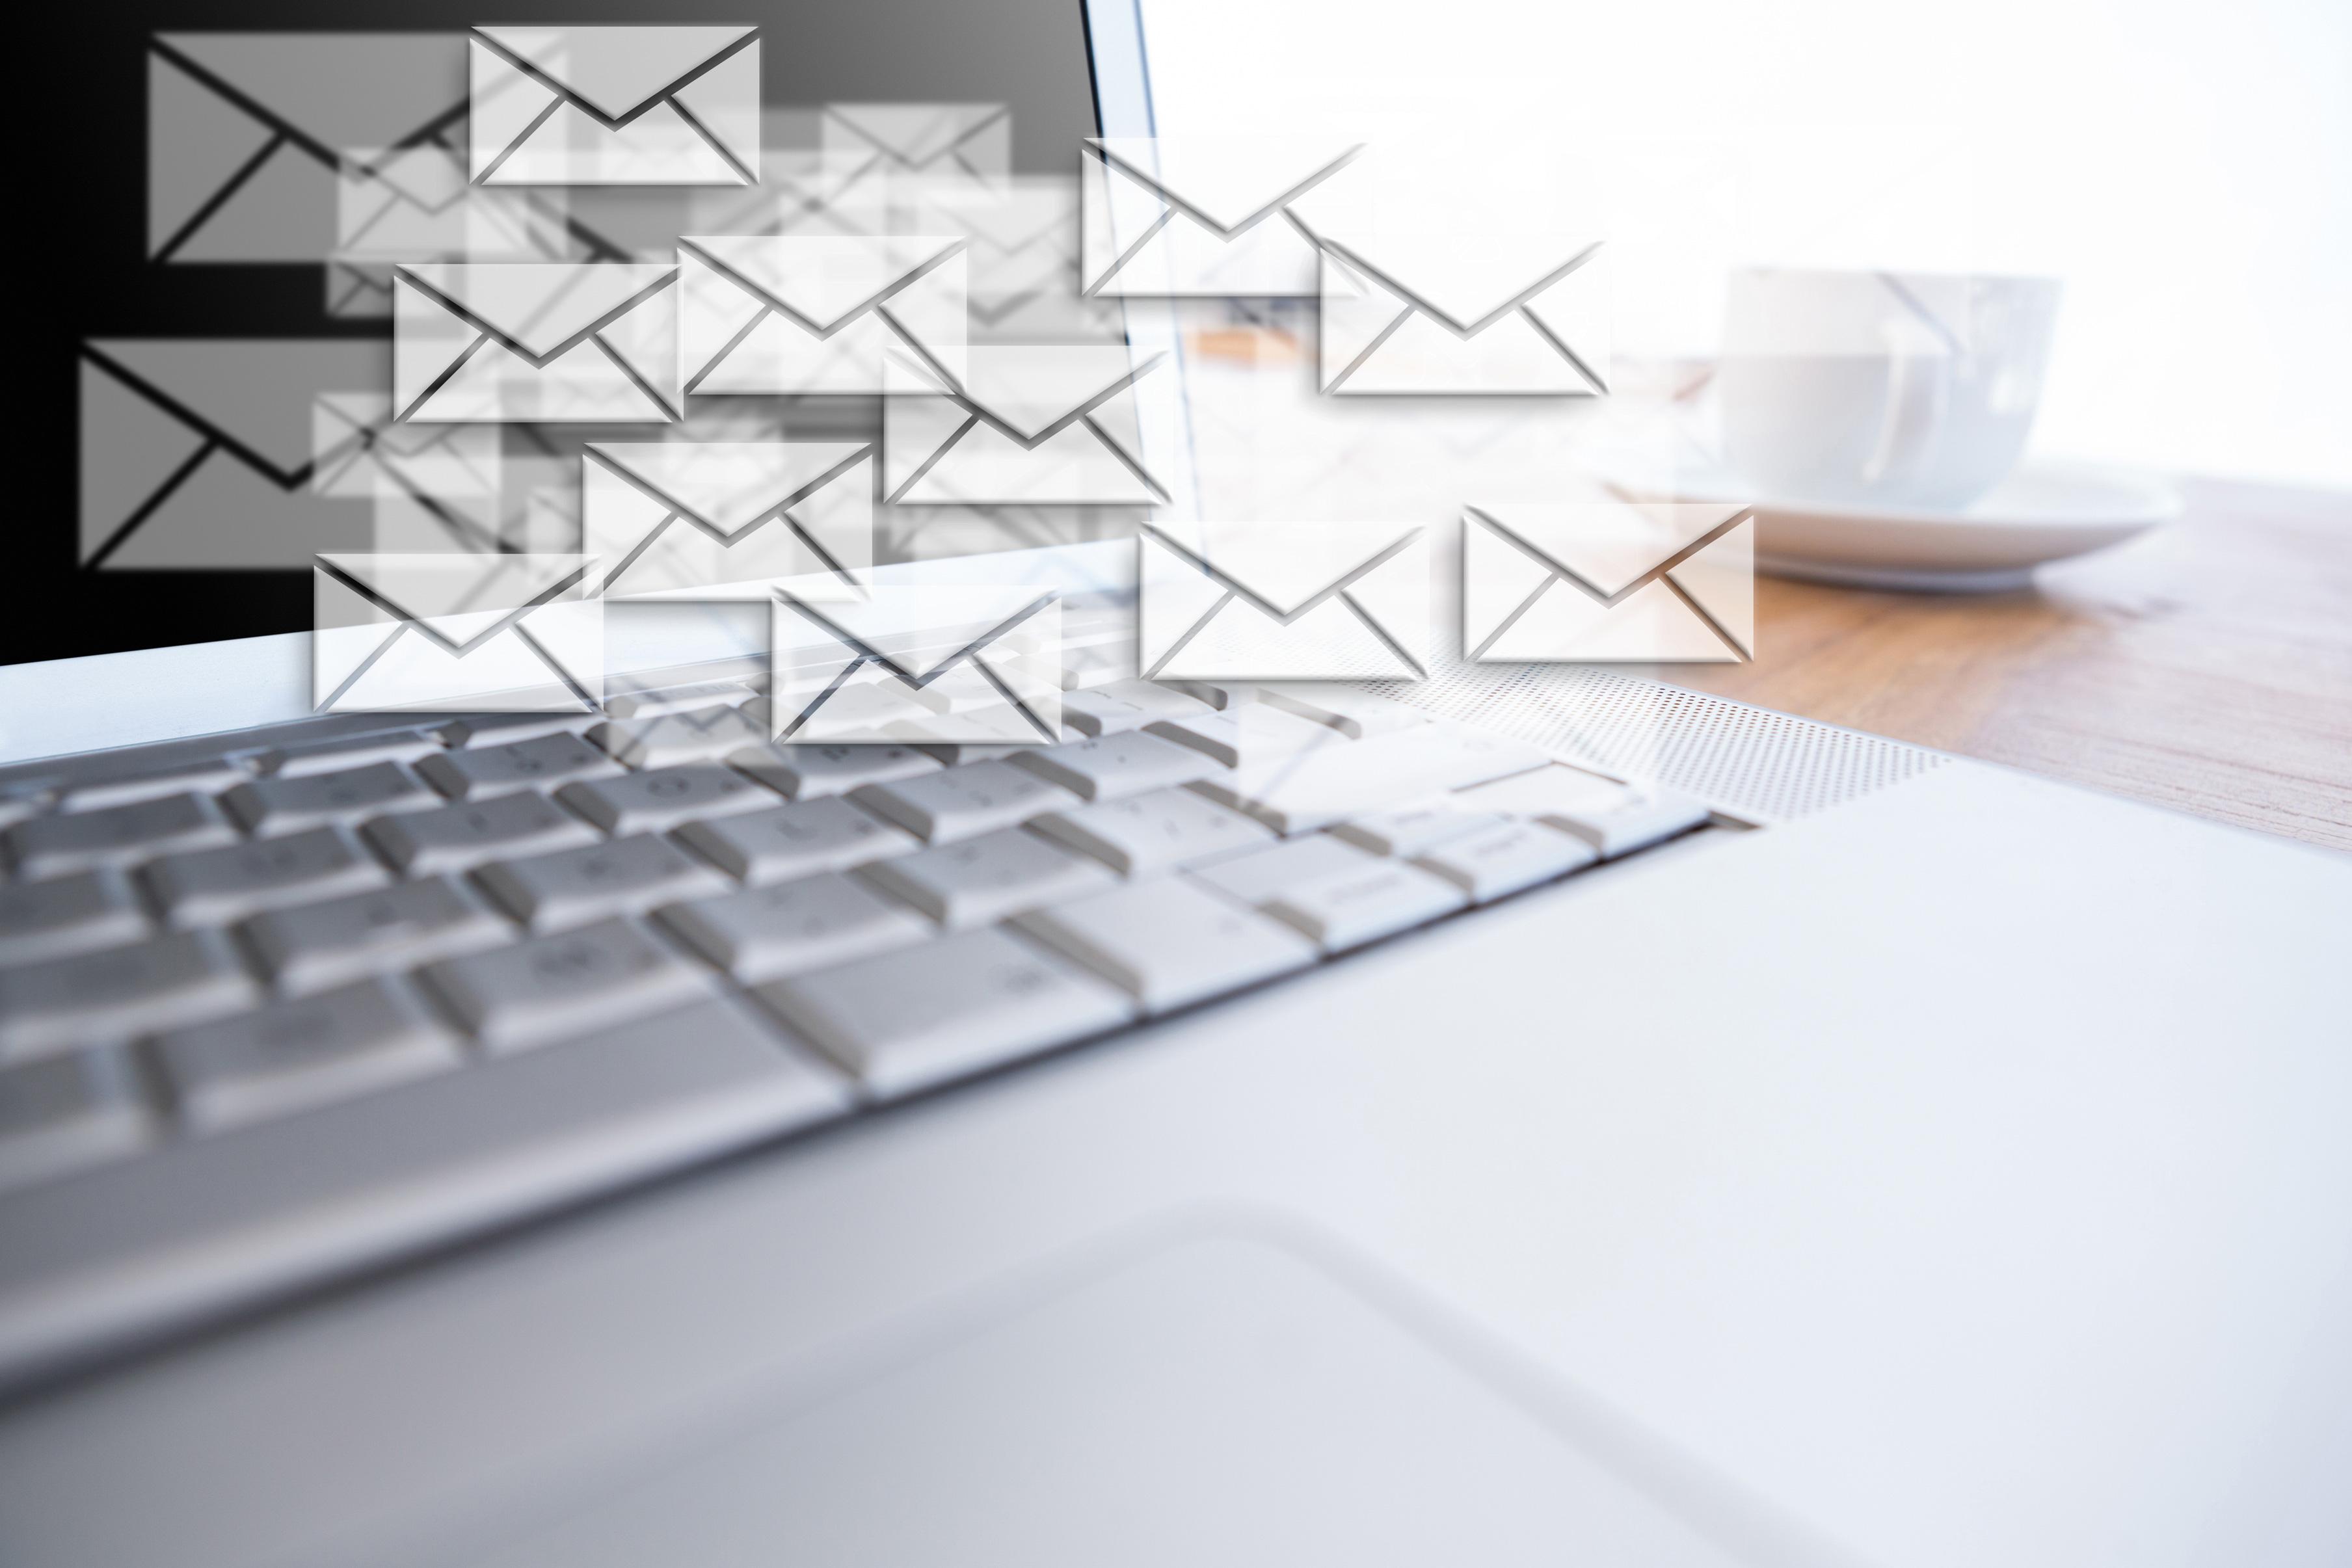 Il data breach che si nasconde dietro l'invio di una email